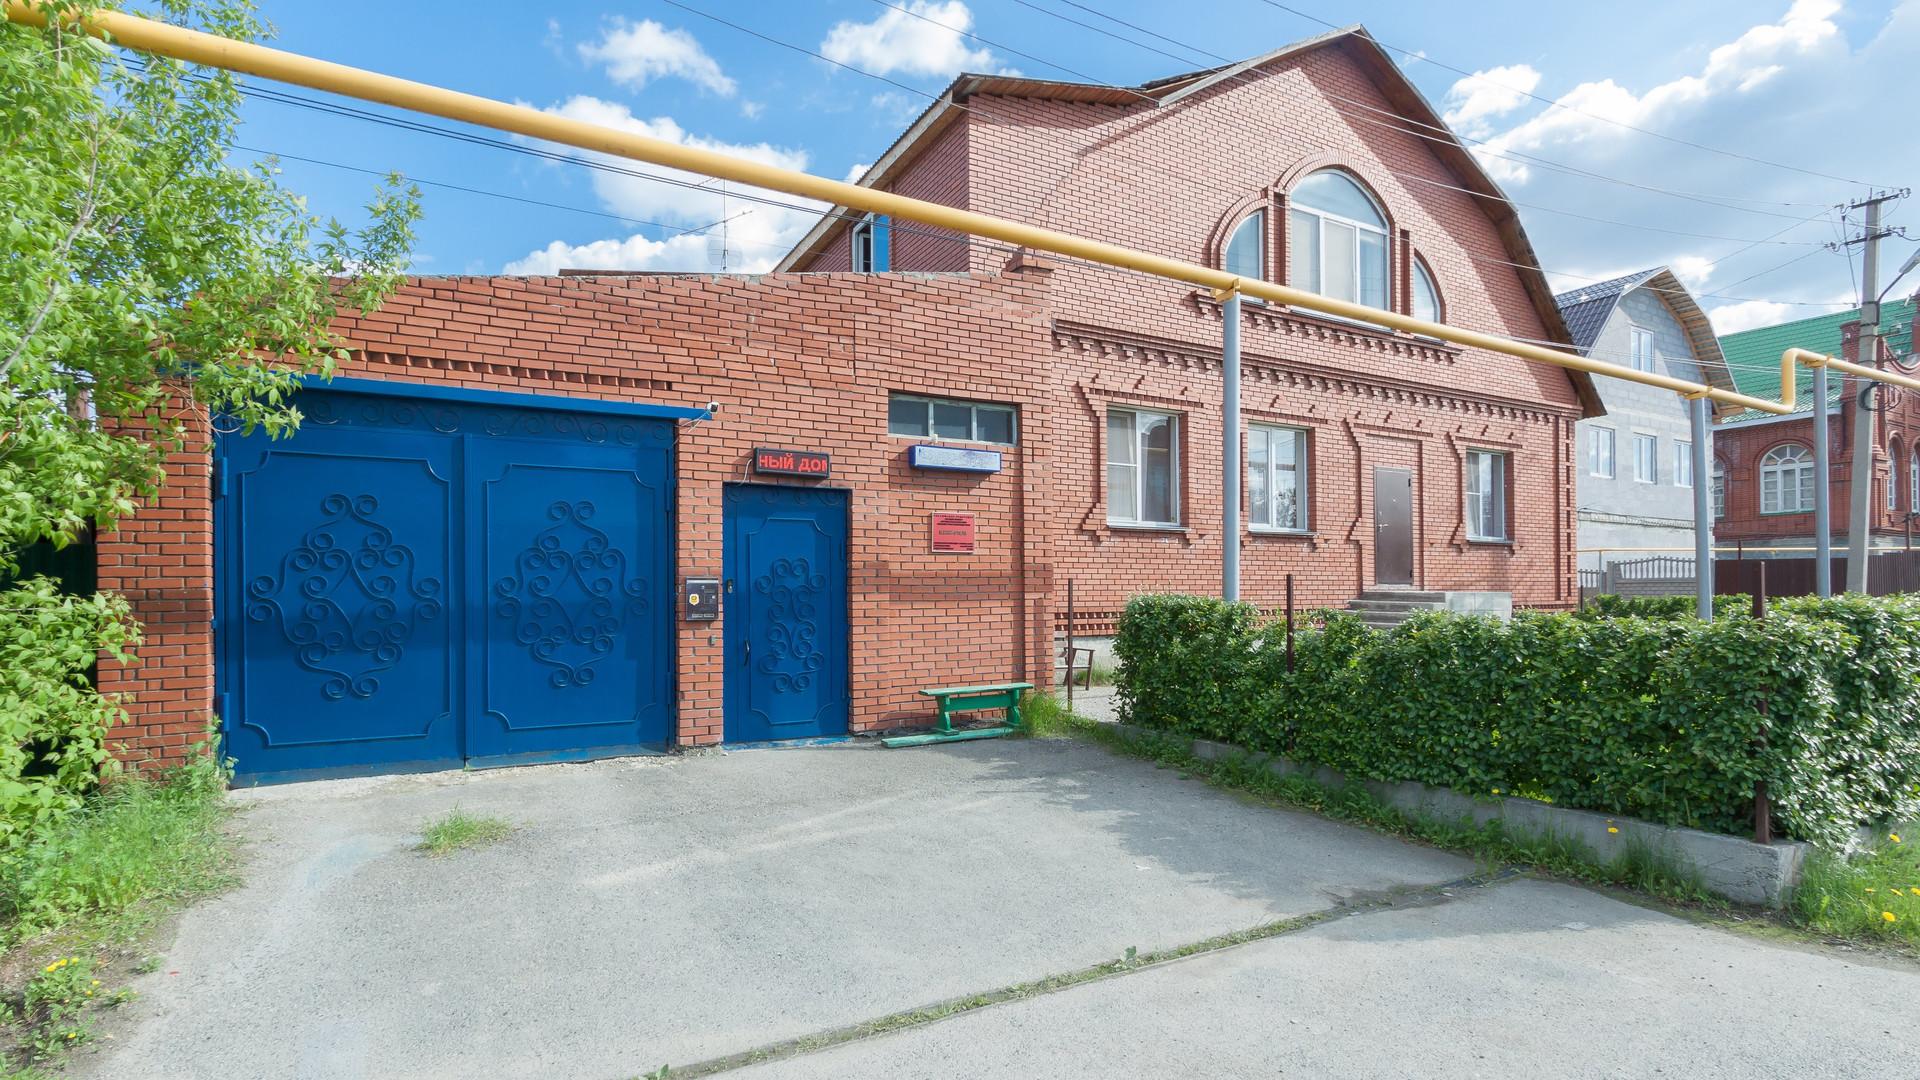 Гостевой дом, 5 номеров, закрытая парковка .